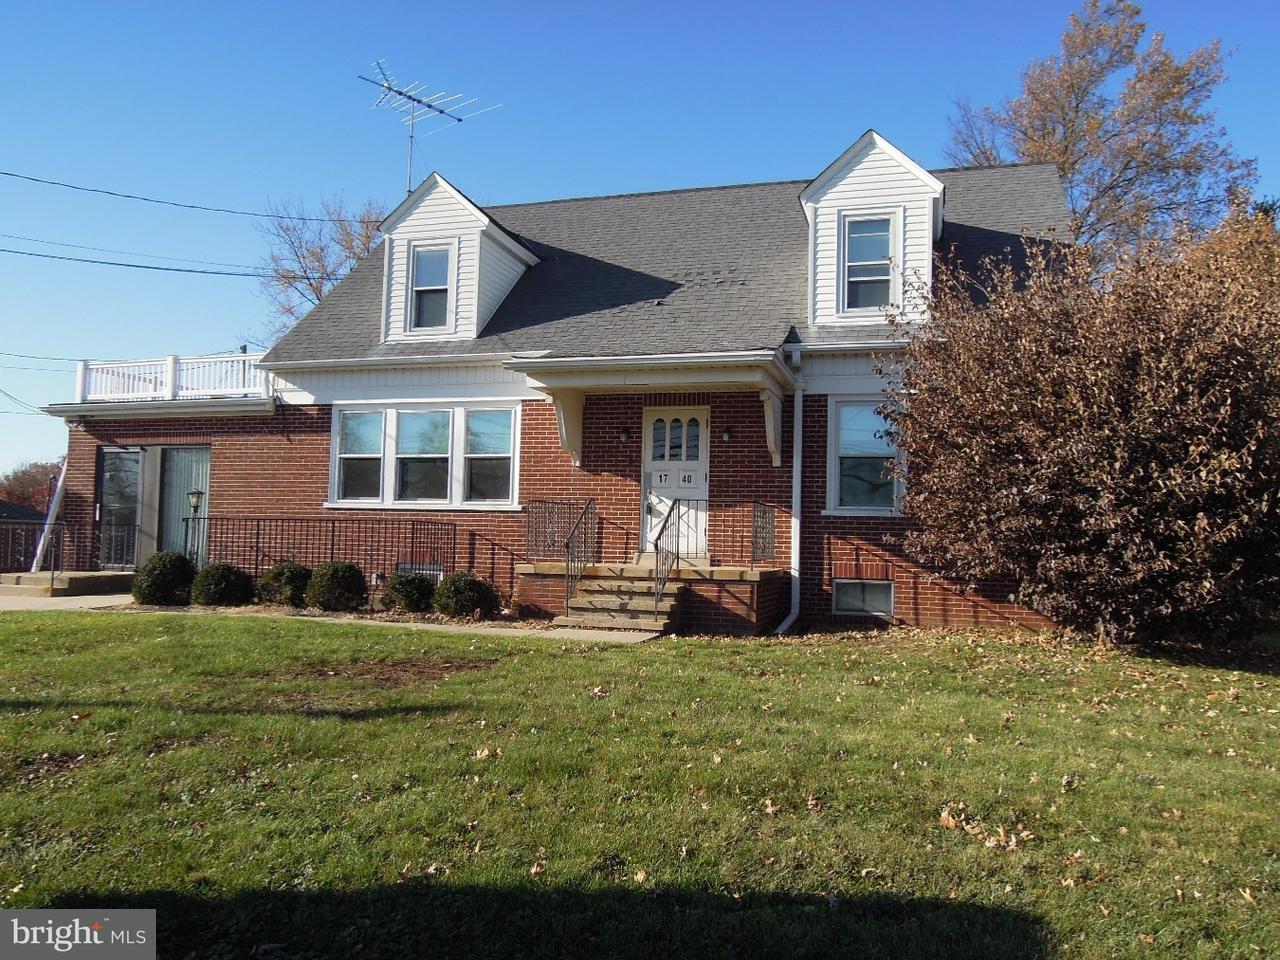 Частный односемейный дом для того Аренда на 1740 N BROAD Street Lansdale, Пенсильвания 19446 Соединенные Штаты